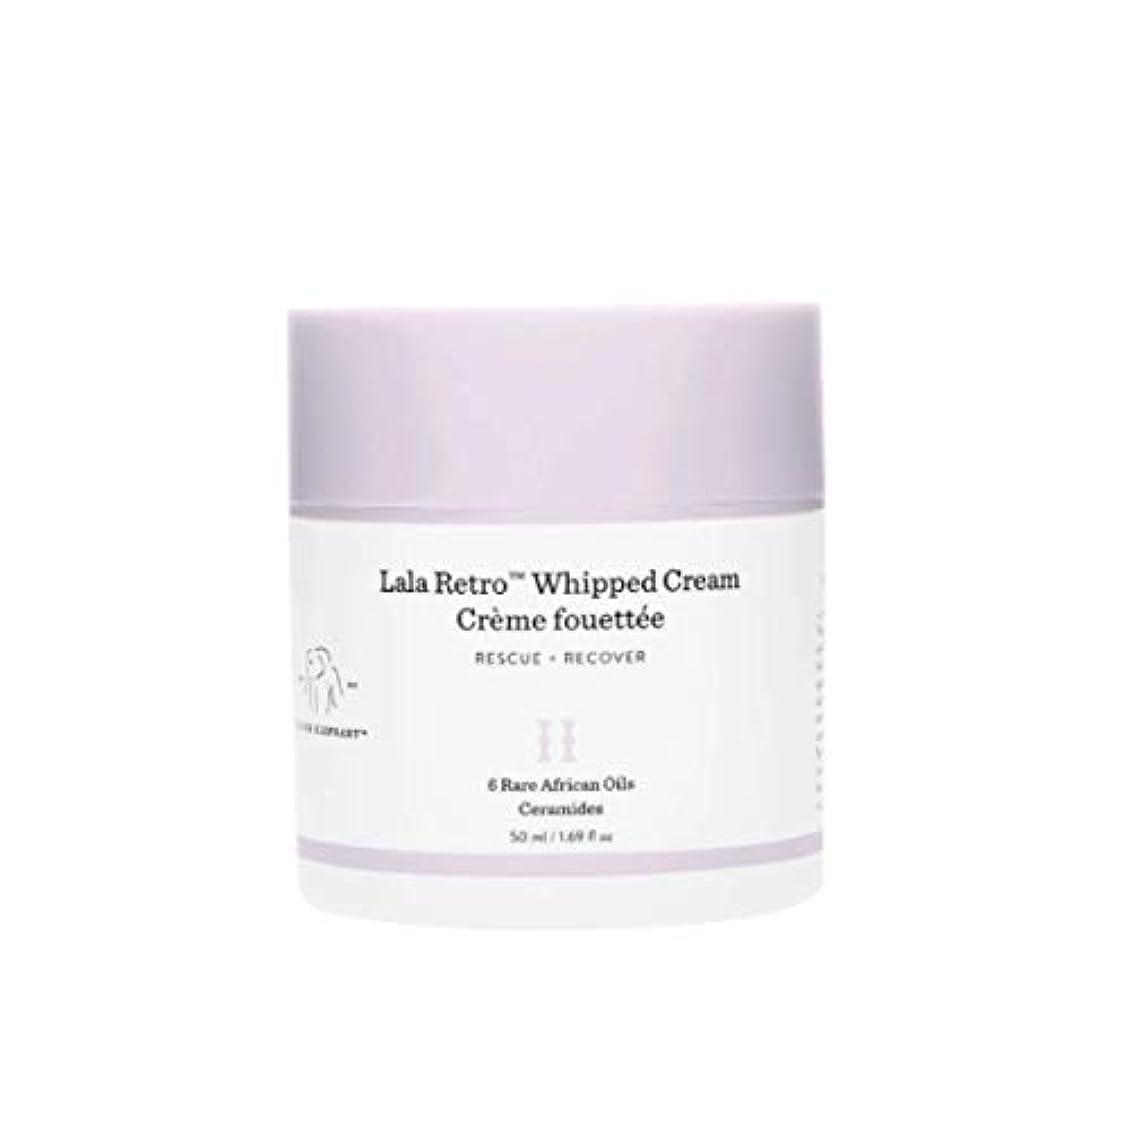 合計いらいらする一目DRUNK ELEPHANT Lala Retro Whipped Cream 1.69 oz/ 50 ml ドランクエレファント ララレトロ ホイップドクリーム 1.69 oz/ 50 ml